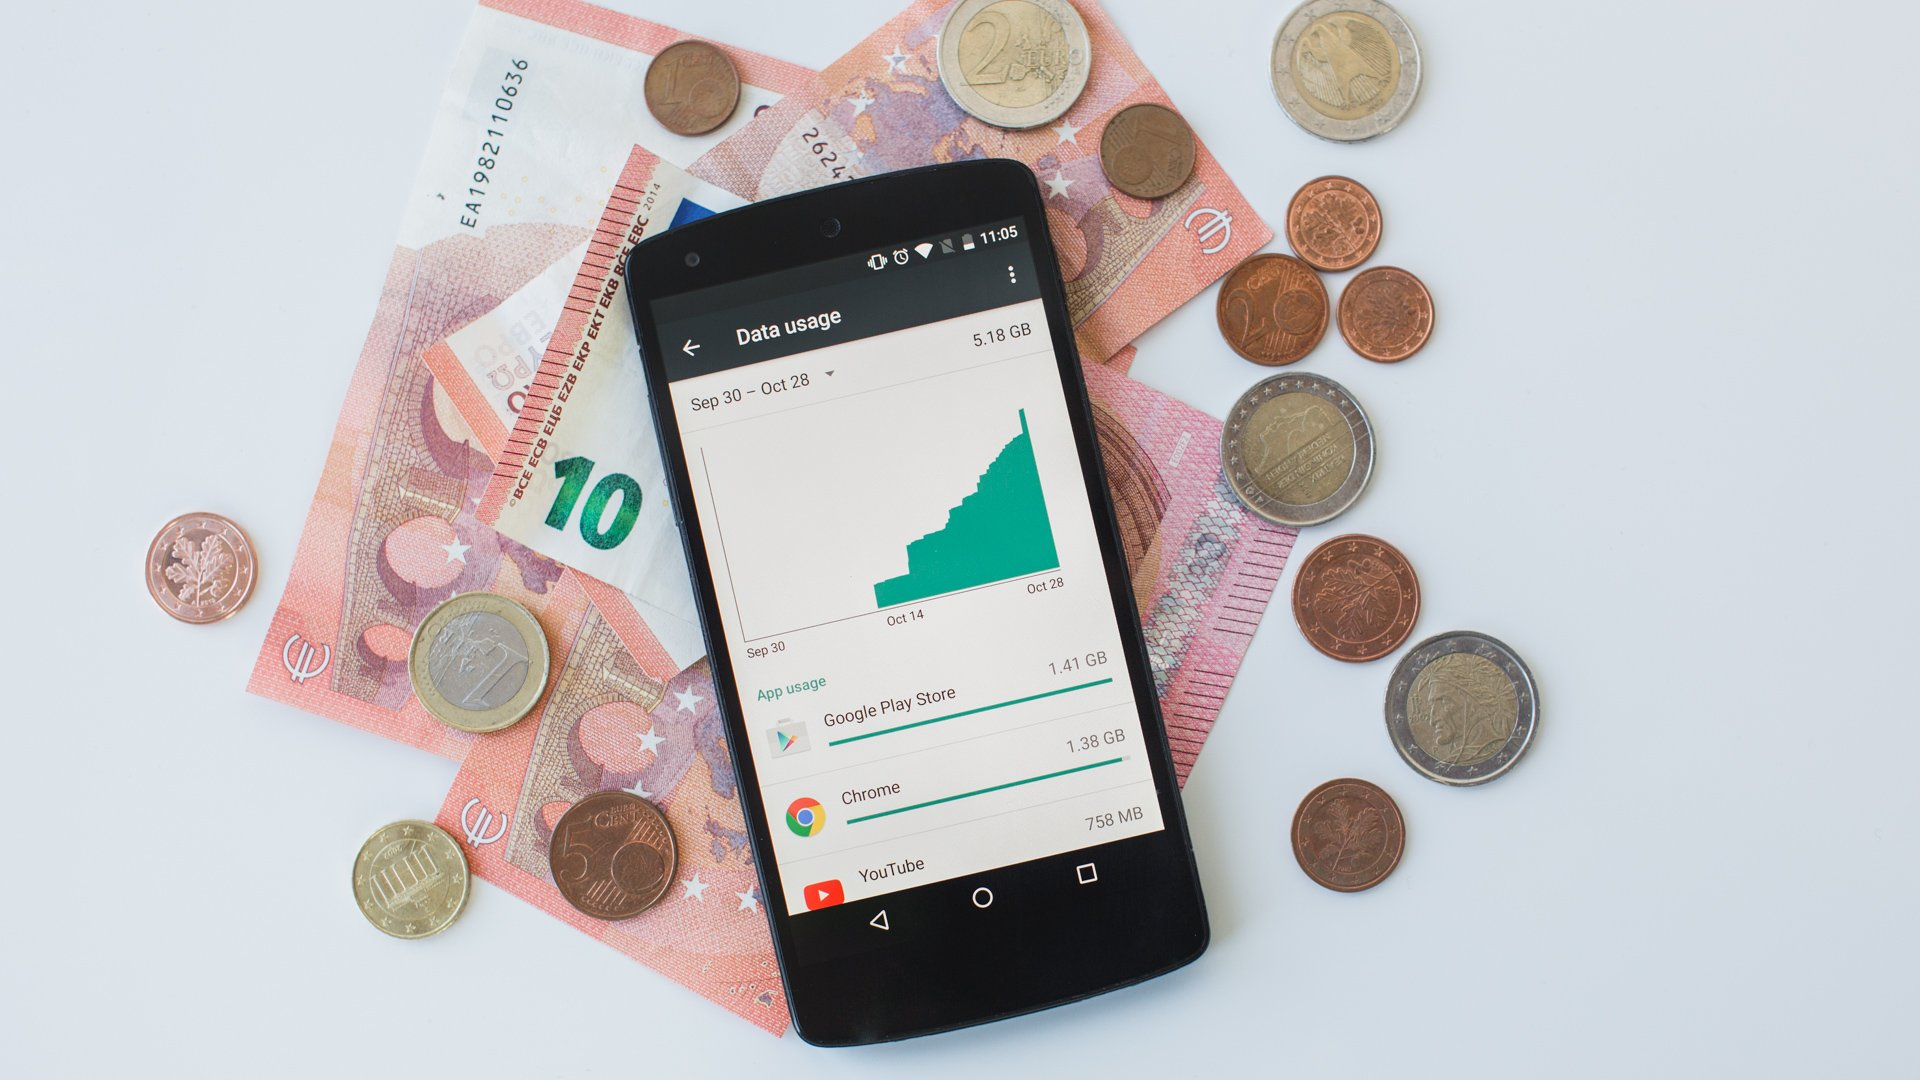 Günstige Smartphone- und Datentarife